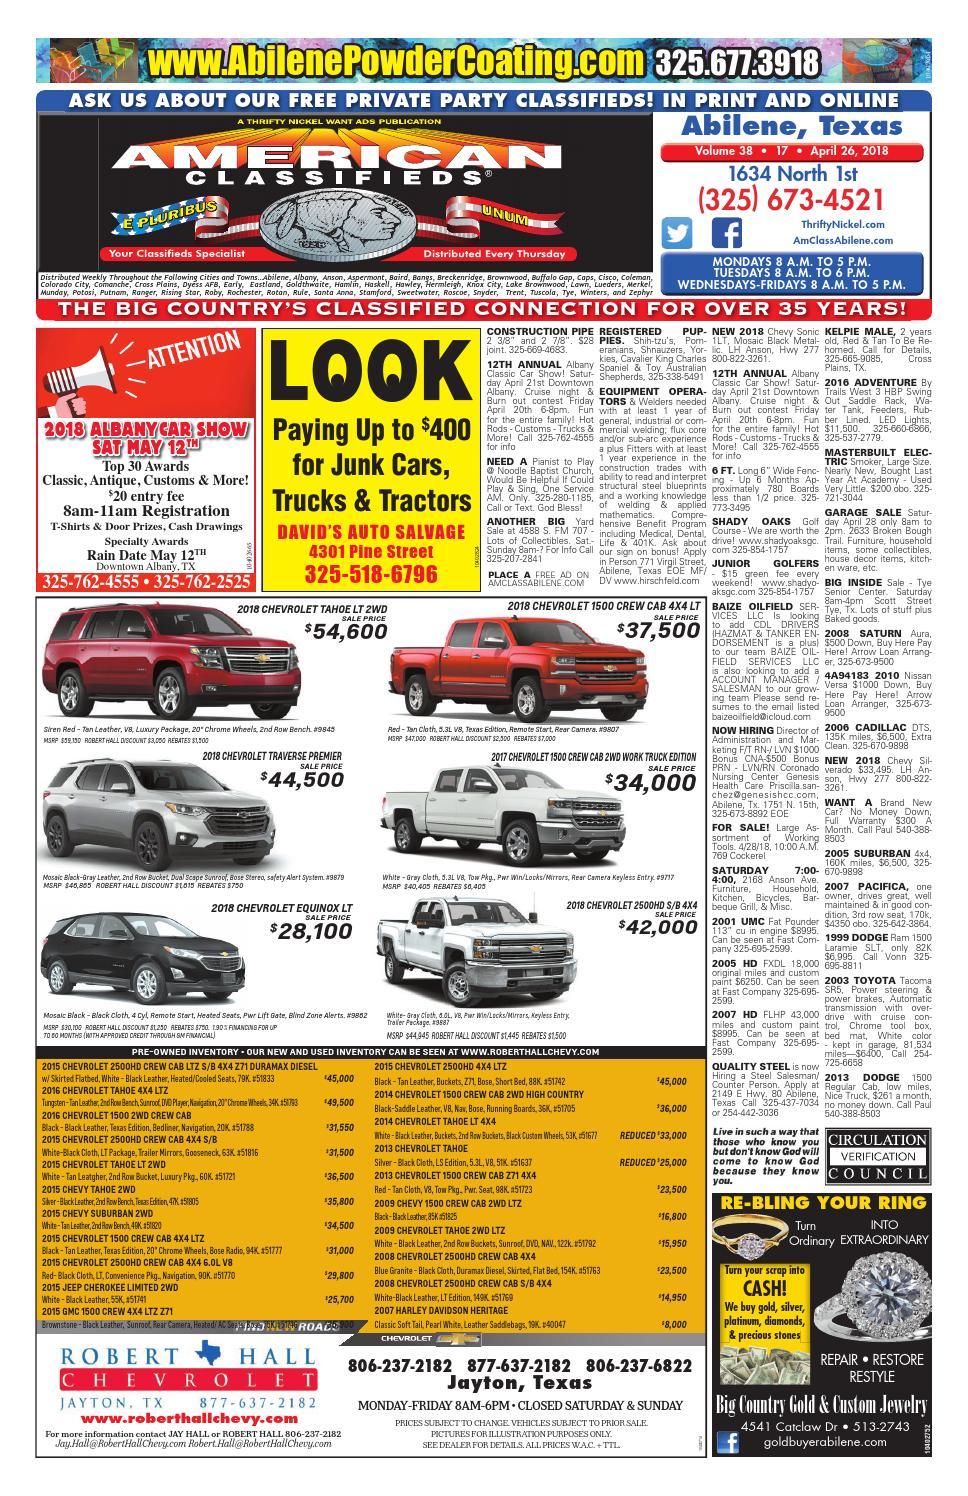 North Knox Auto >> American Classifieds Abilene 04-26-18 by American Classifieds Abilene, Texas - Issuu